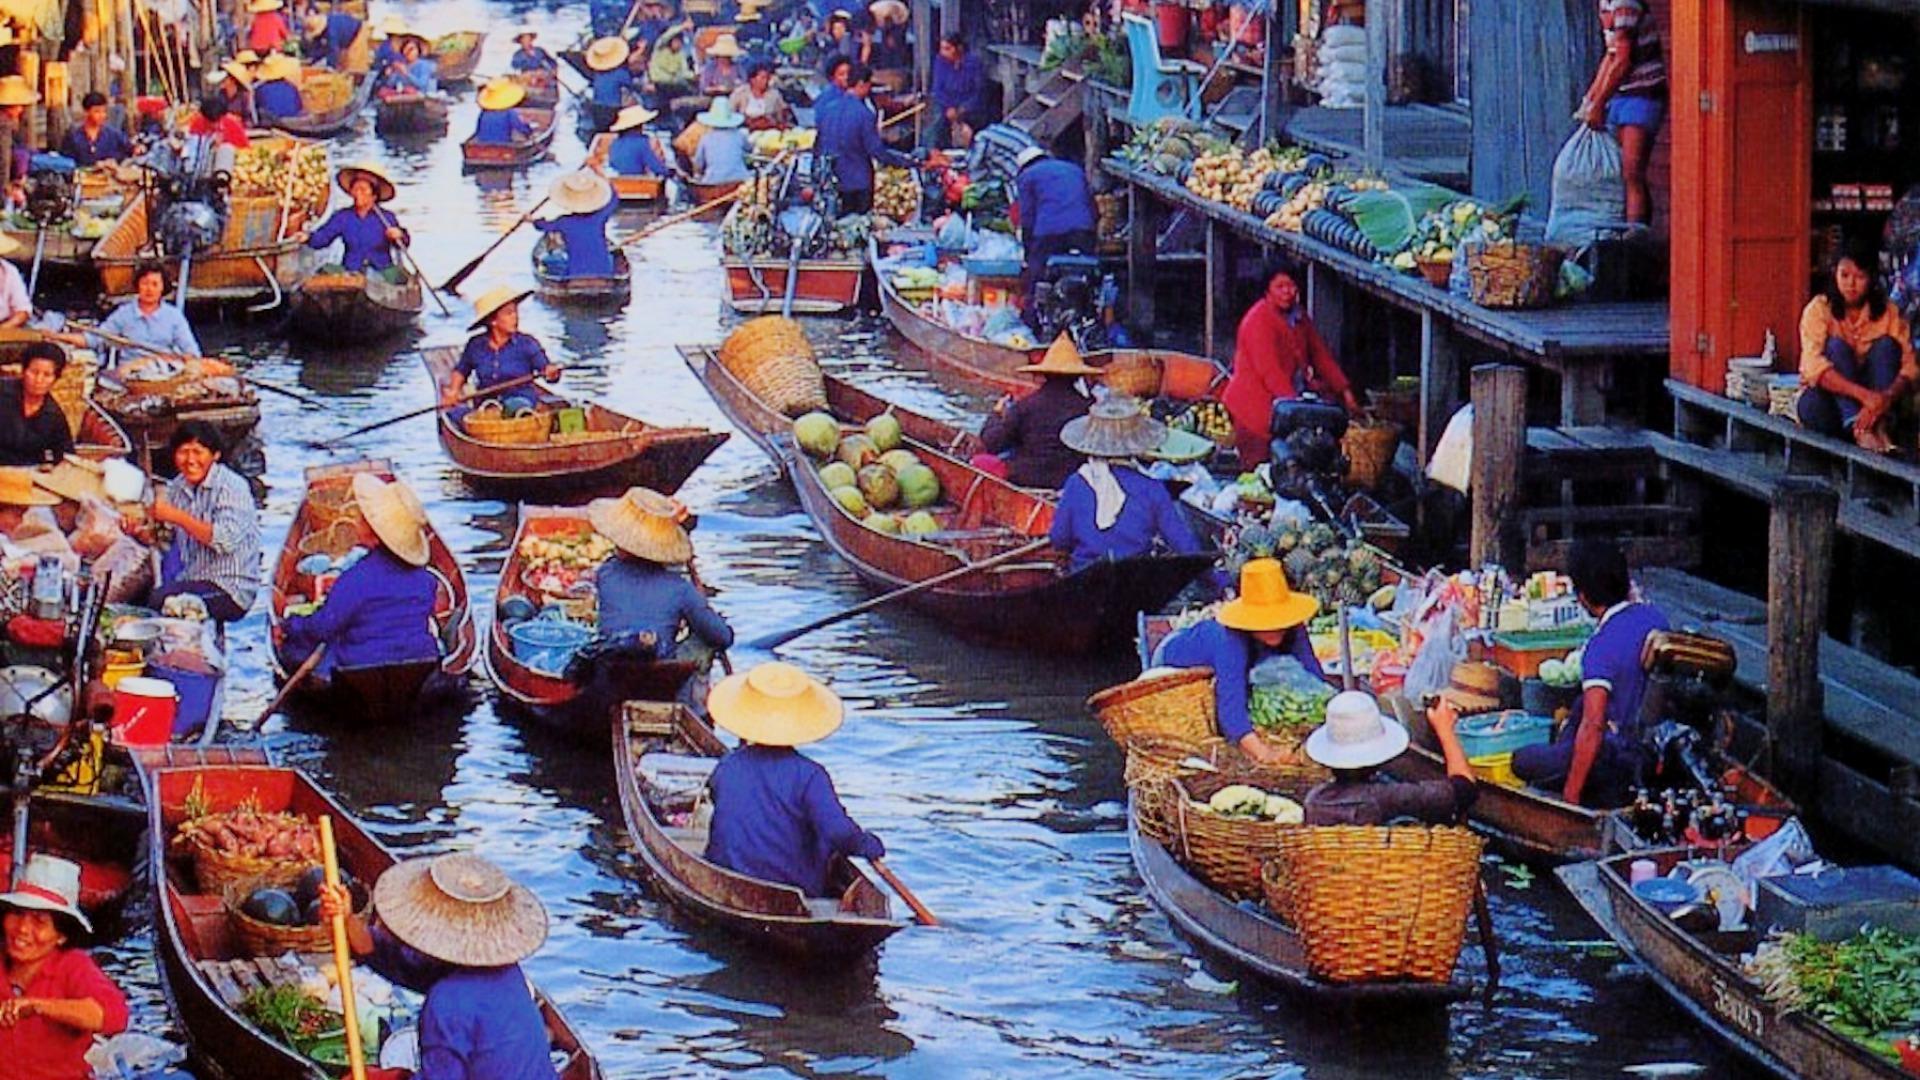 1428380522_1920x1080-bangkok-water-market